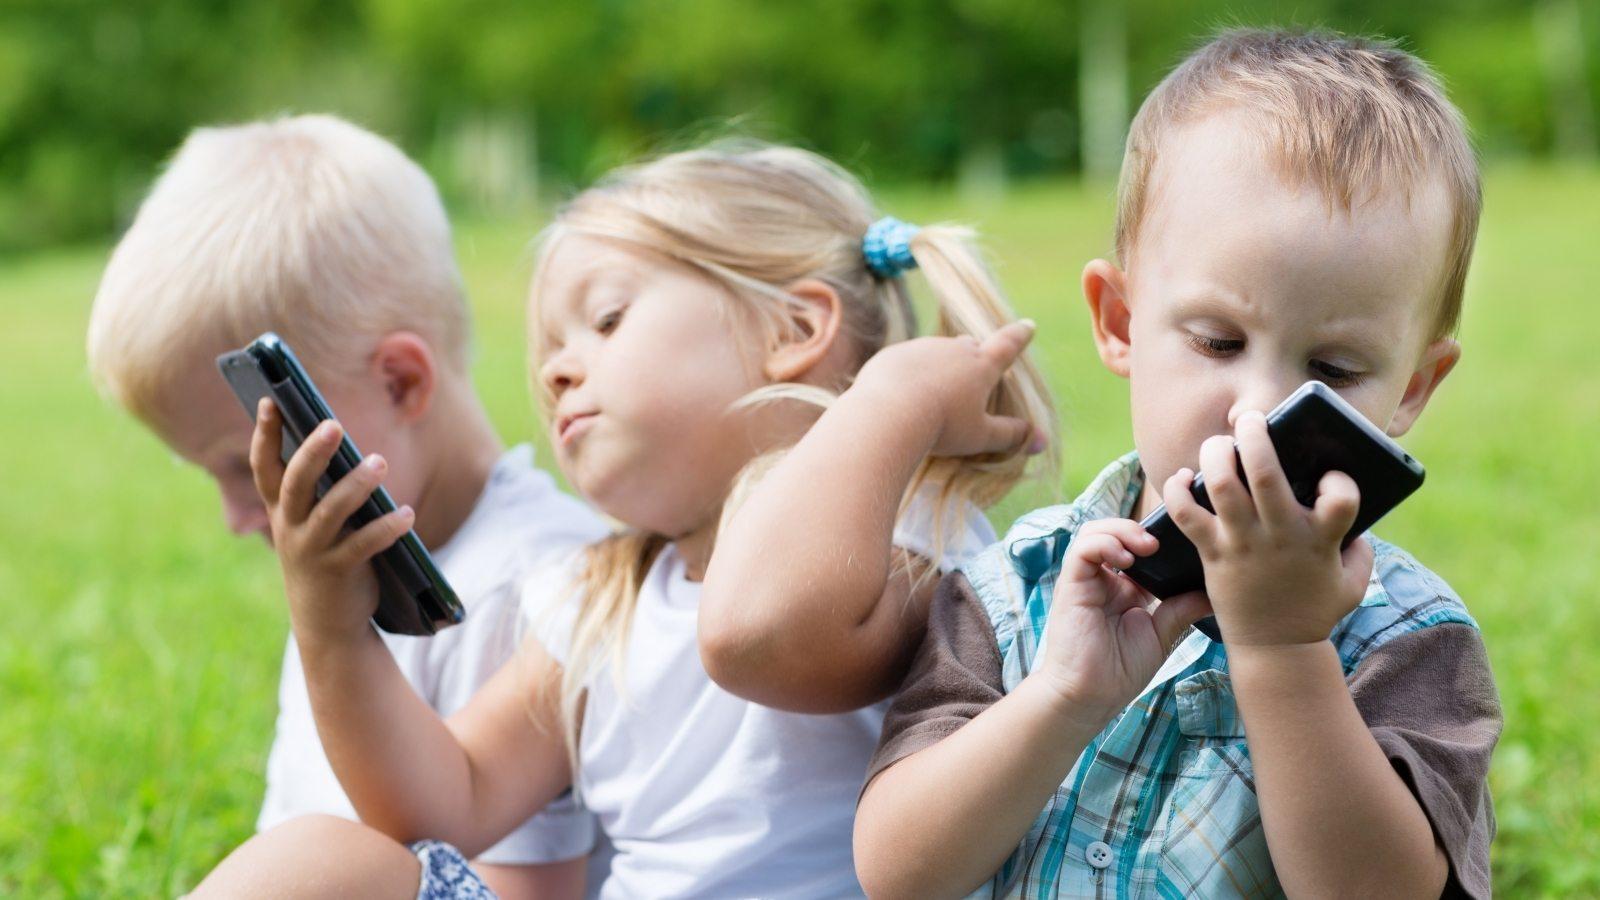 Resultado de imagem para children smartphone